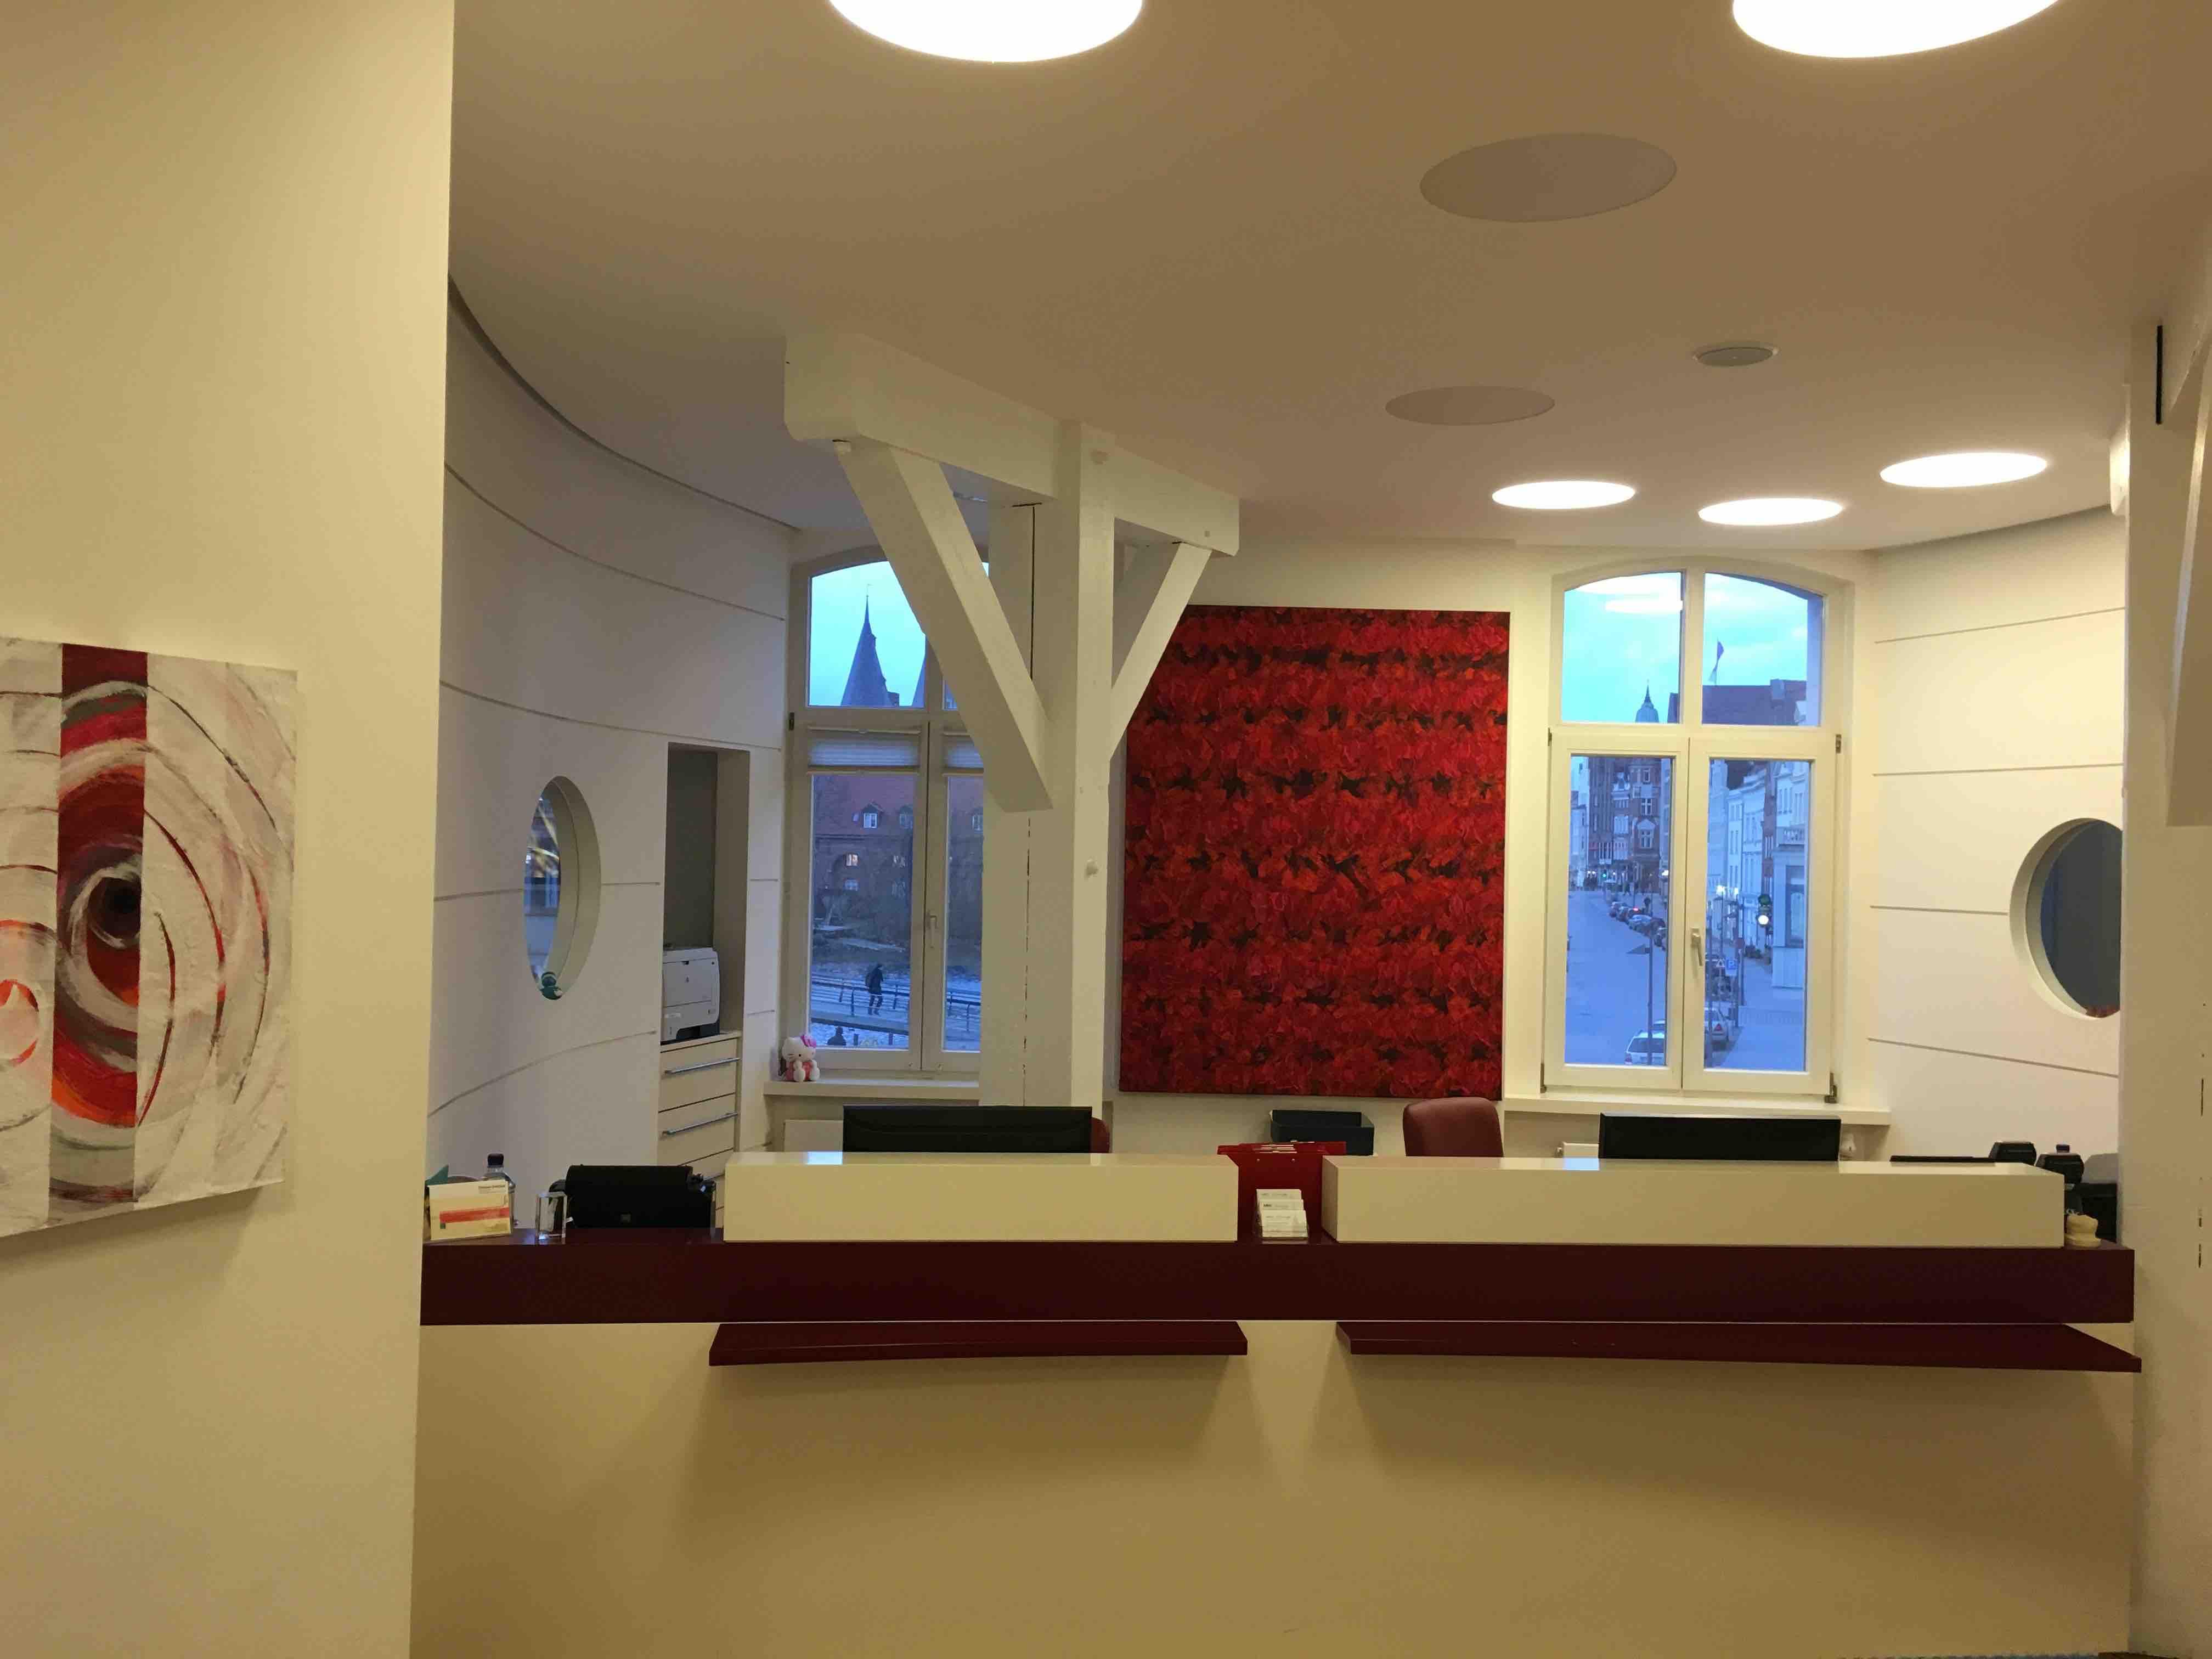 geplante einschr nkungen der igel abrechnung nach dem praxiskauf. Black Bedroom Furniture Sets. Home Design Ideas